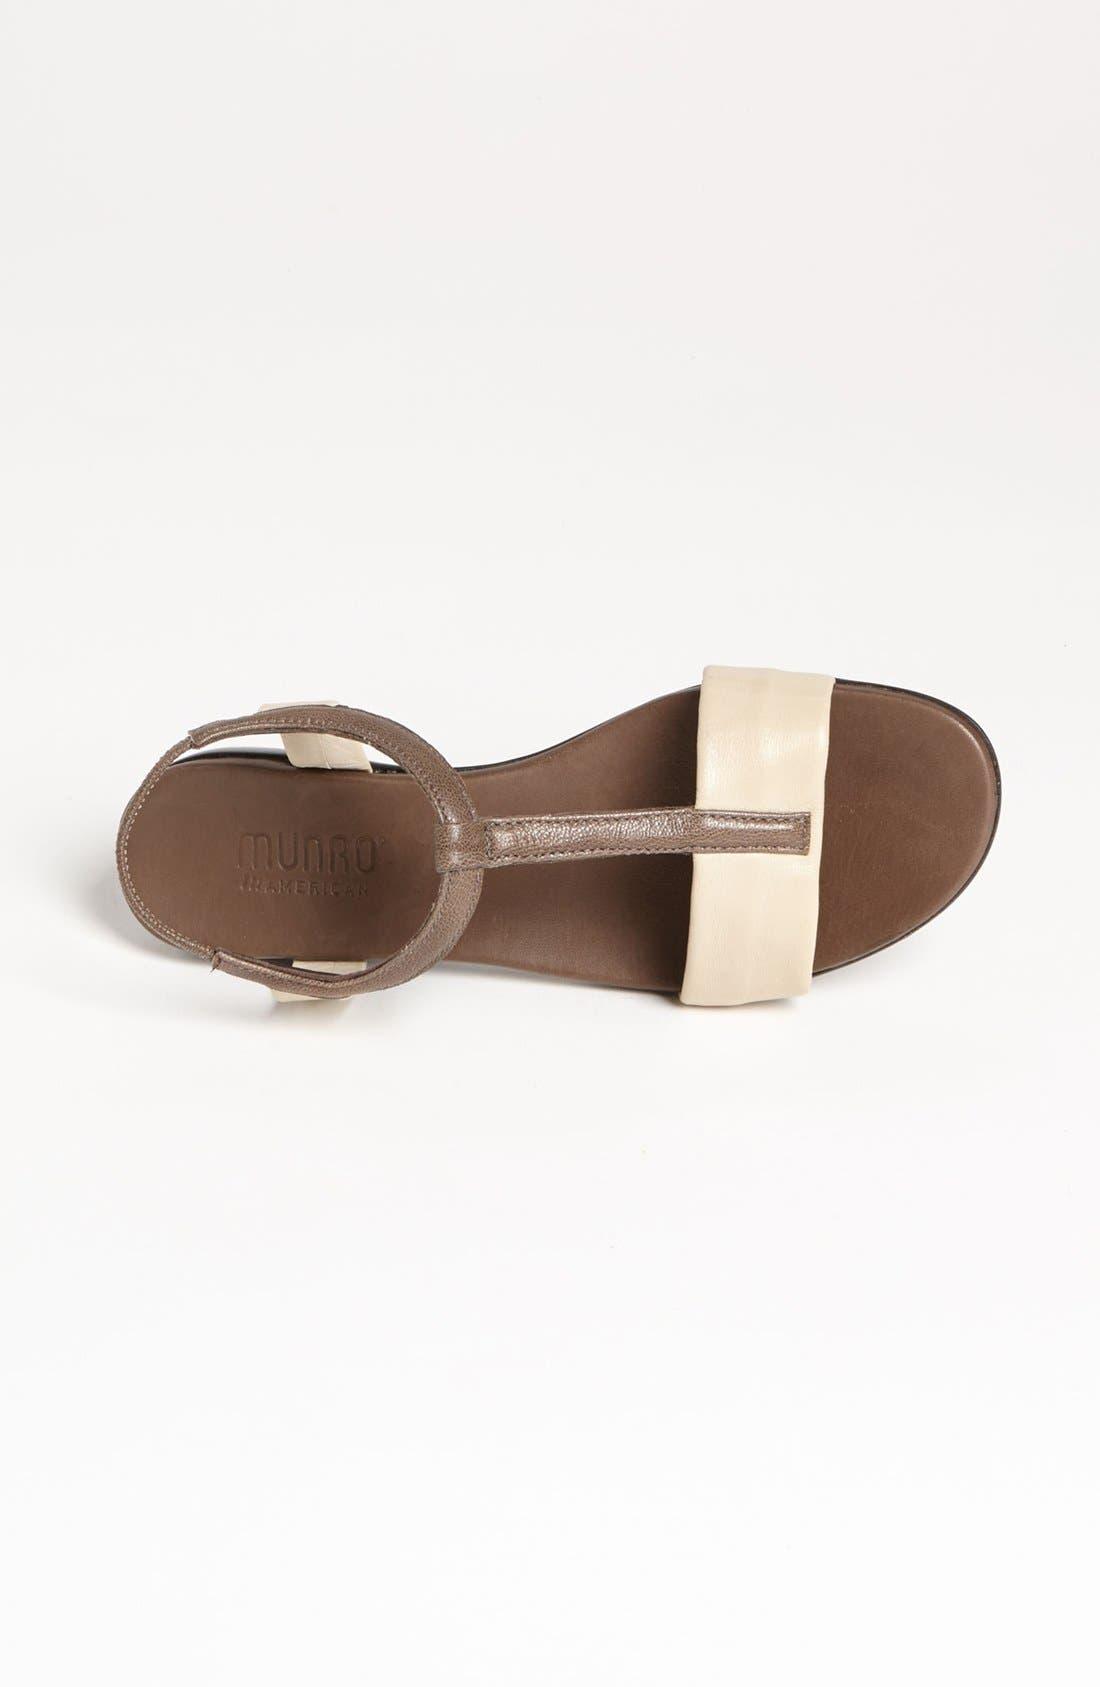 Alternate Image 3  - Munro 'Faran' Sandal (Special Purchase)